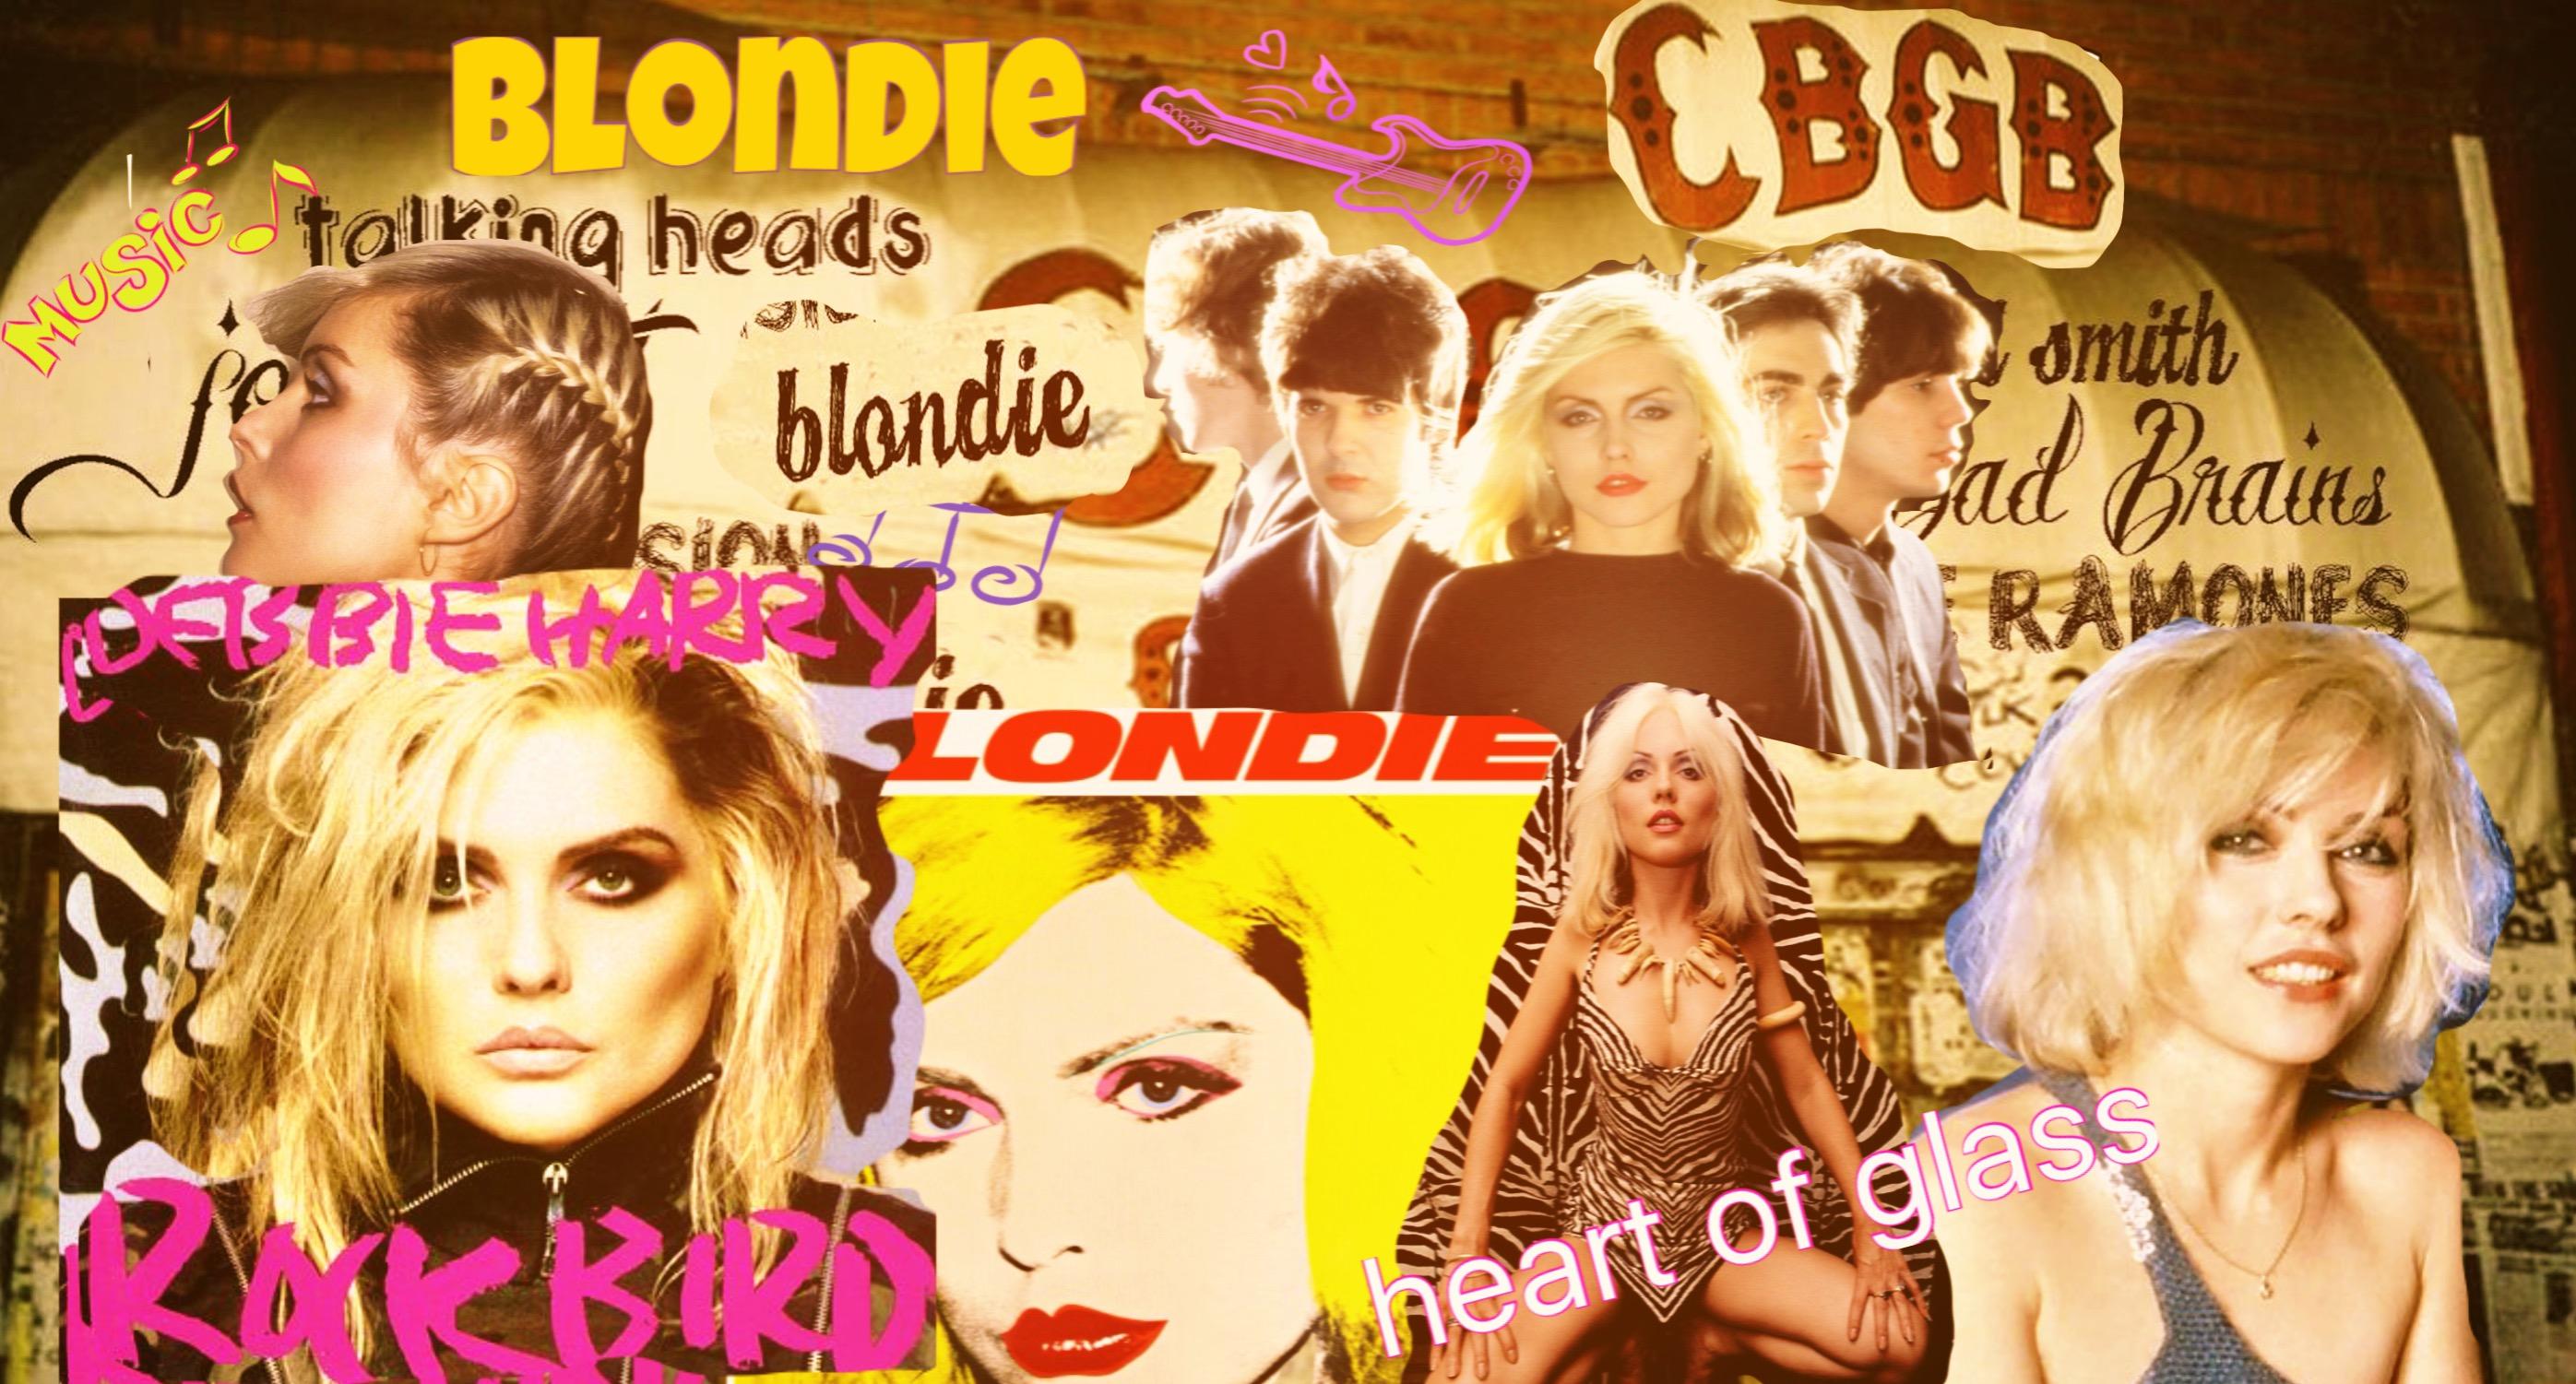 Blondie acquire head